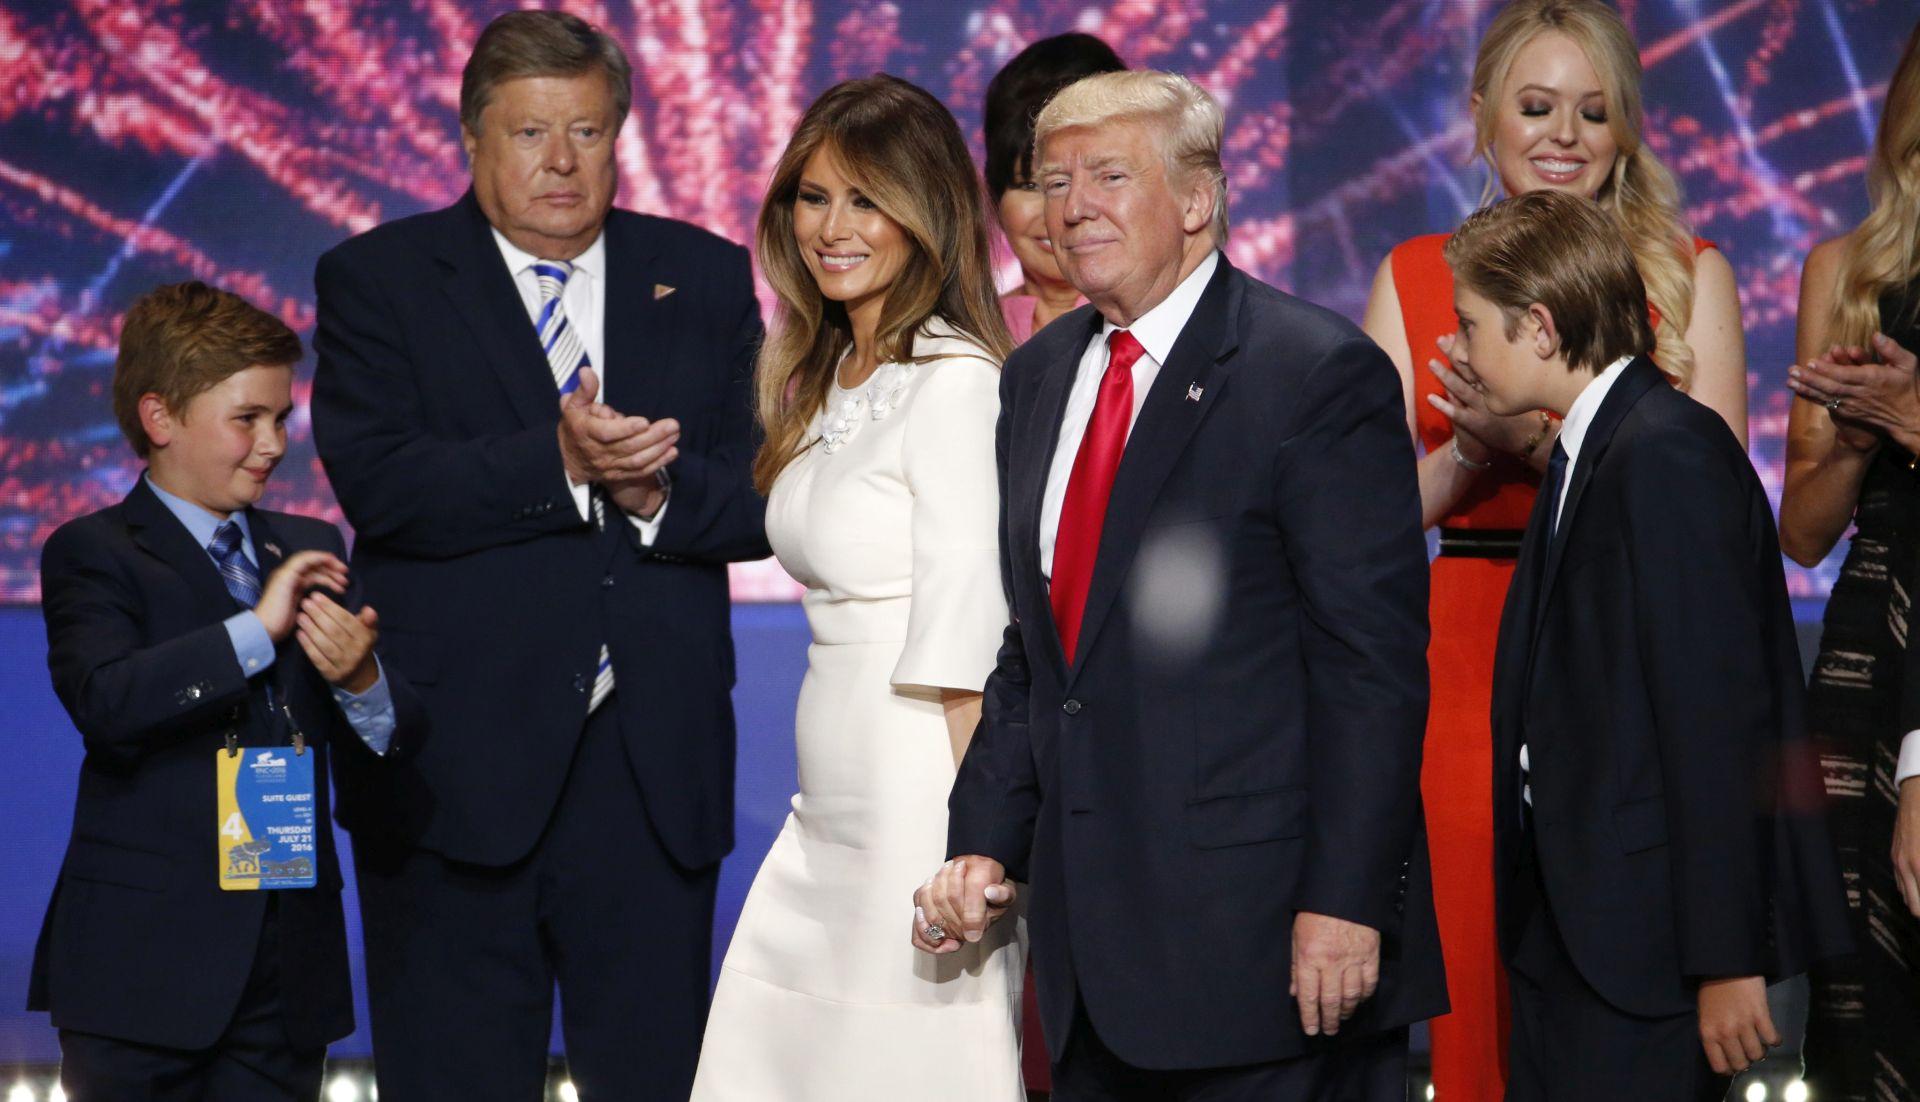 PROBLEMI S VIZOM Pitanja oko kršenja zakona Melanije Trump